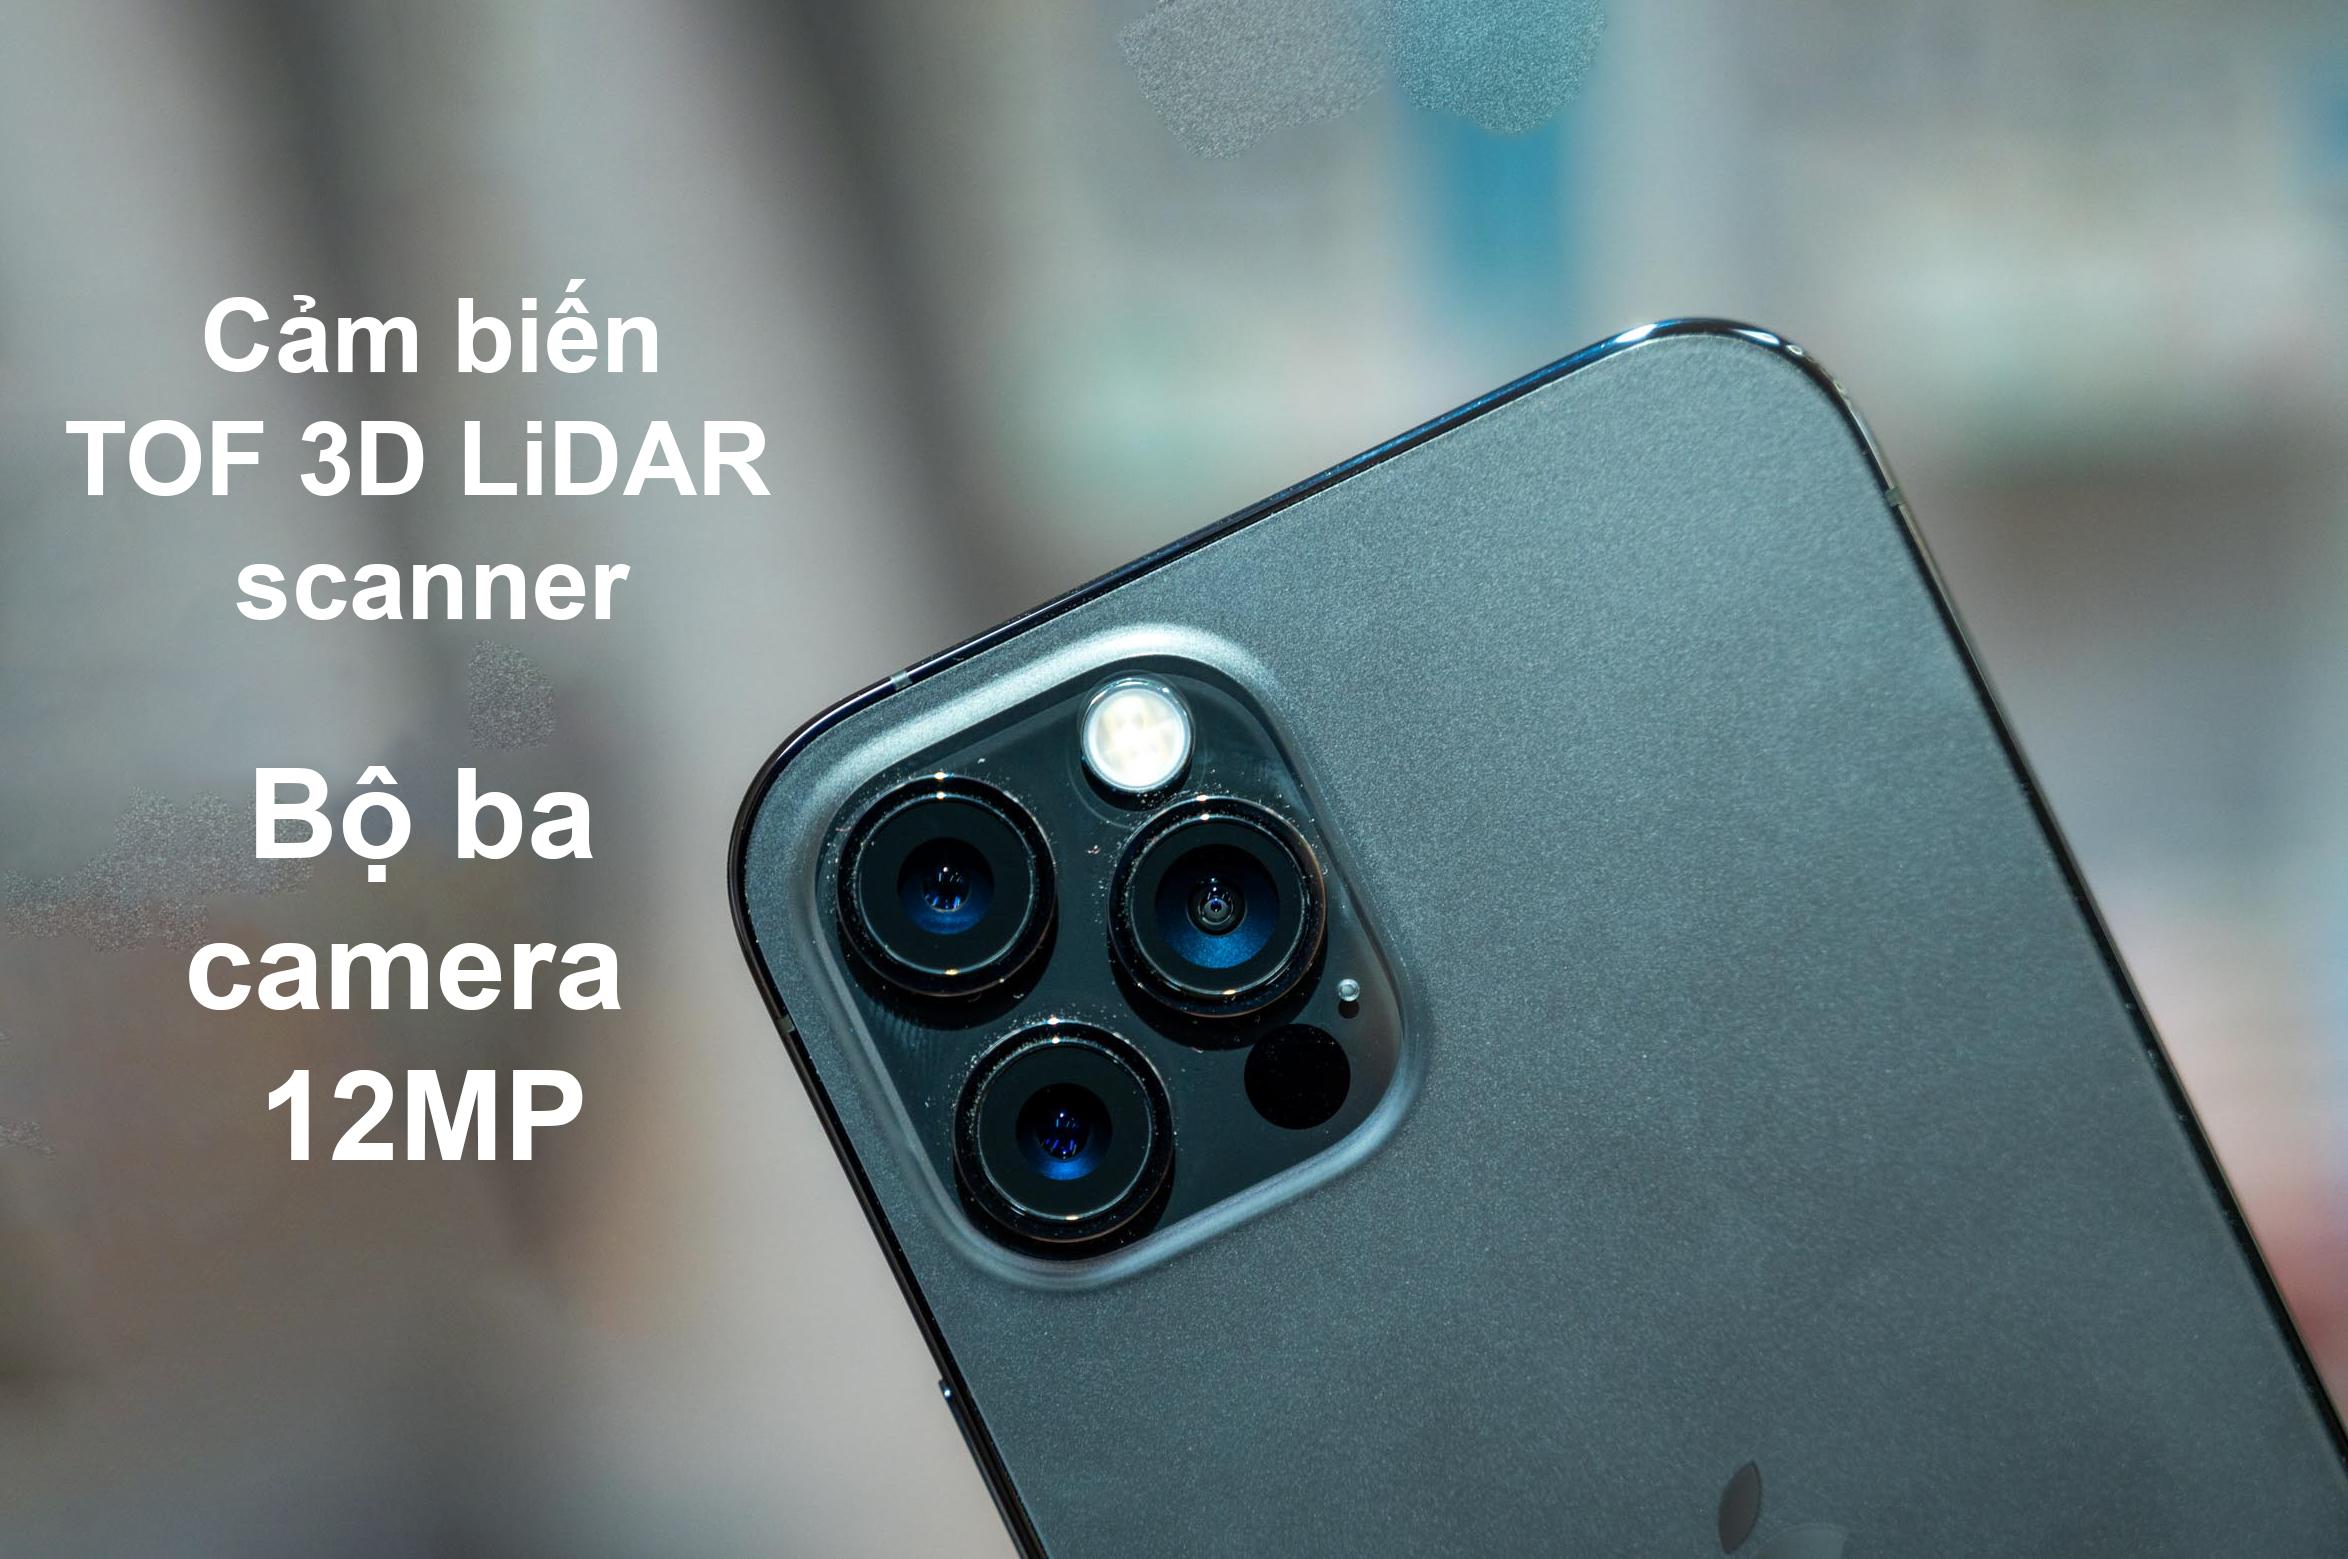 iPhone 12 Pro Max 128 GB | Bộ ba camera sắc nét